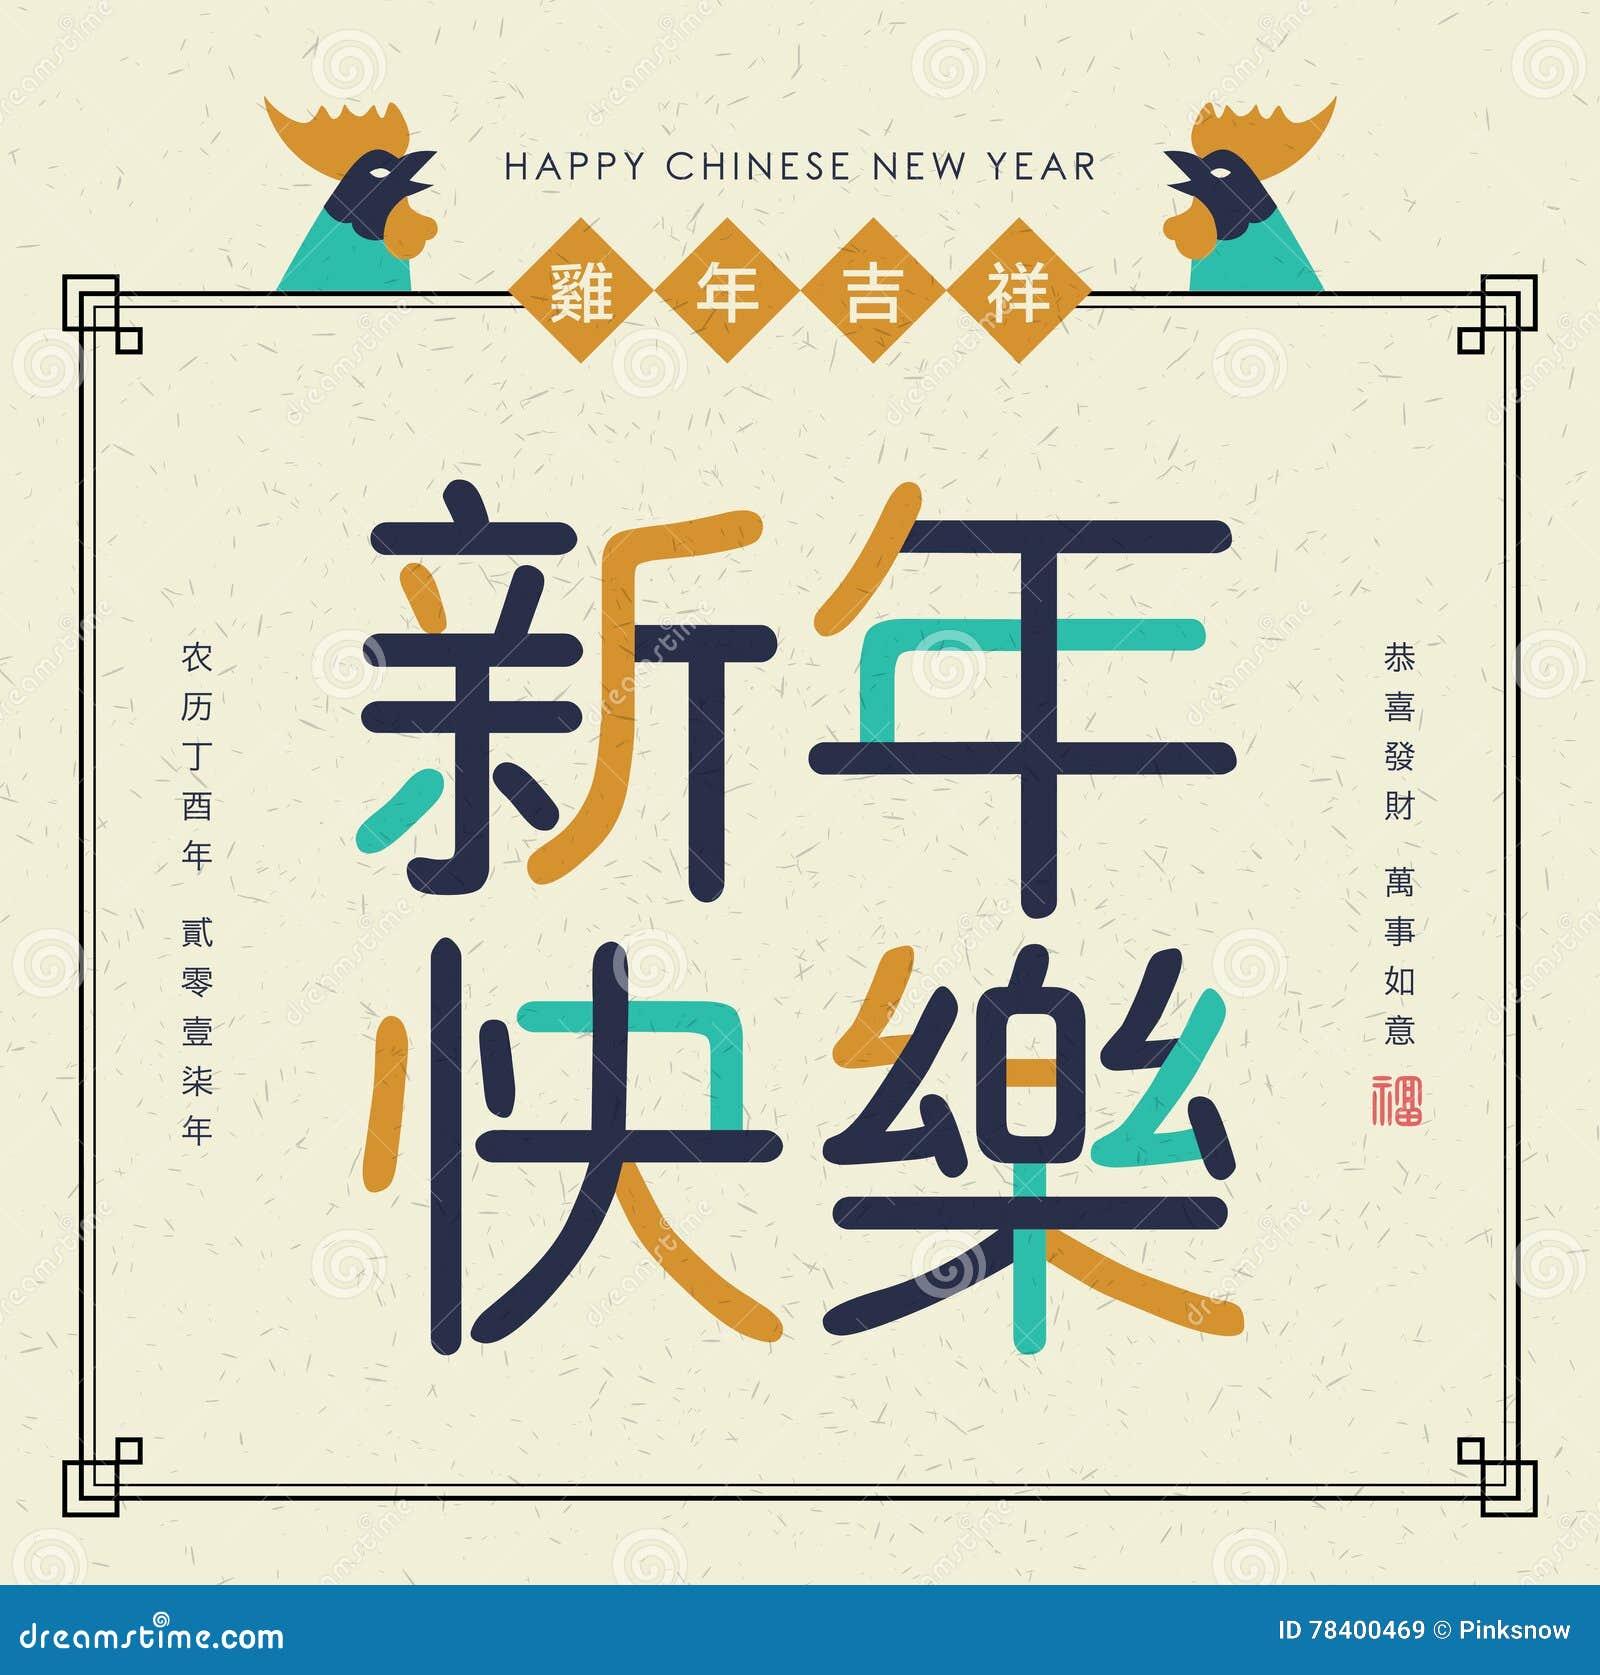 Glückliches Chinesisches Neujahrsfest 2017!